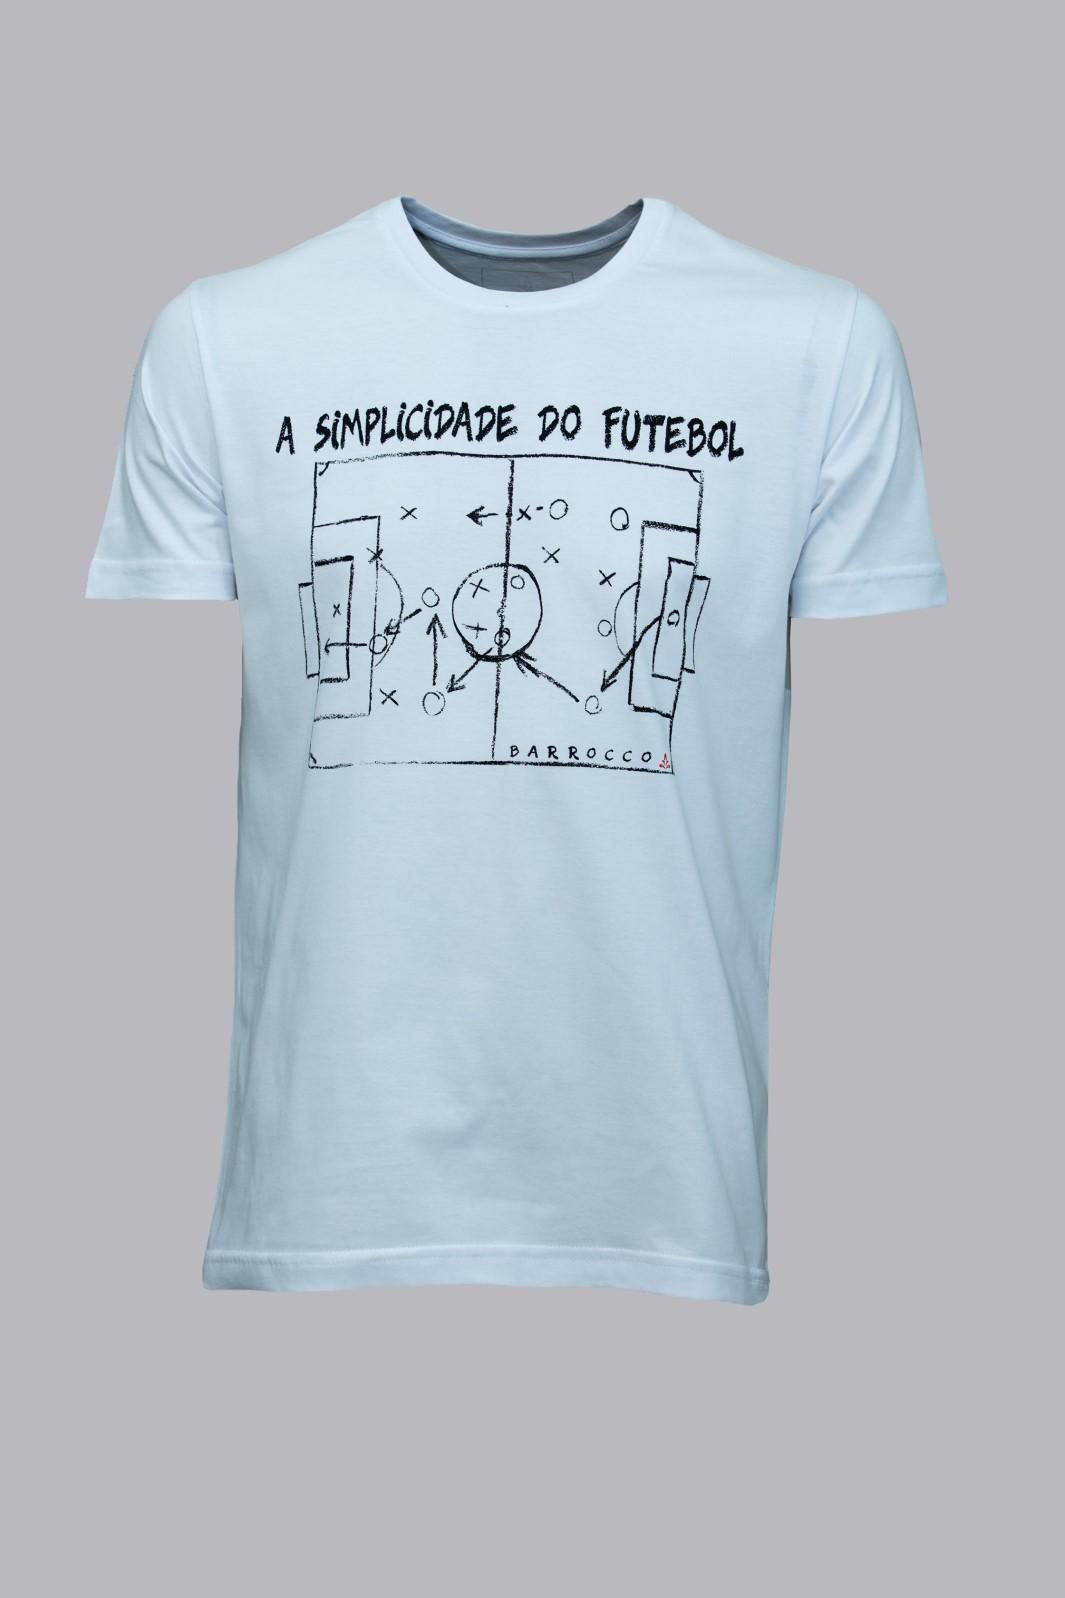 Camiseta Barrocco Simplicidade do Futebol